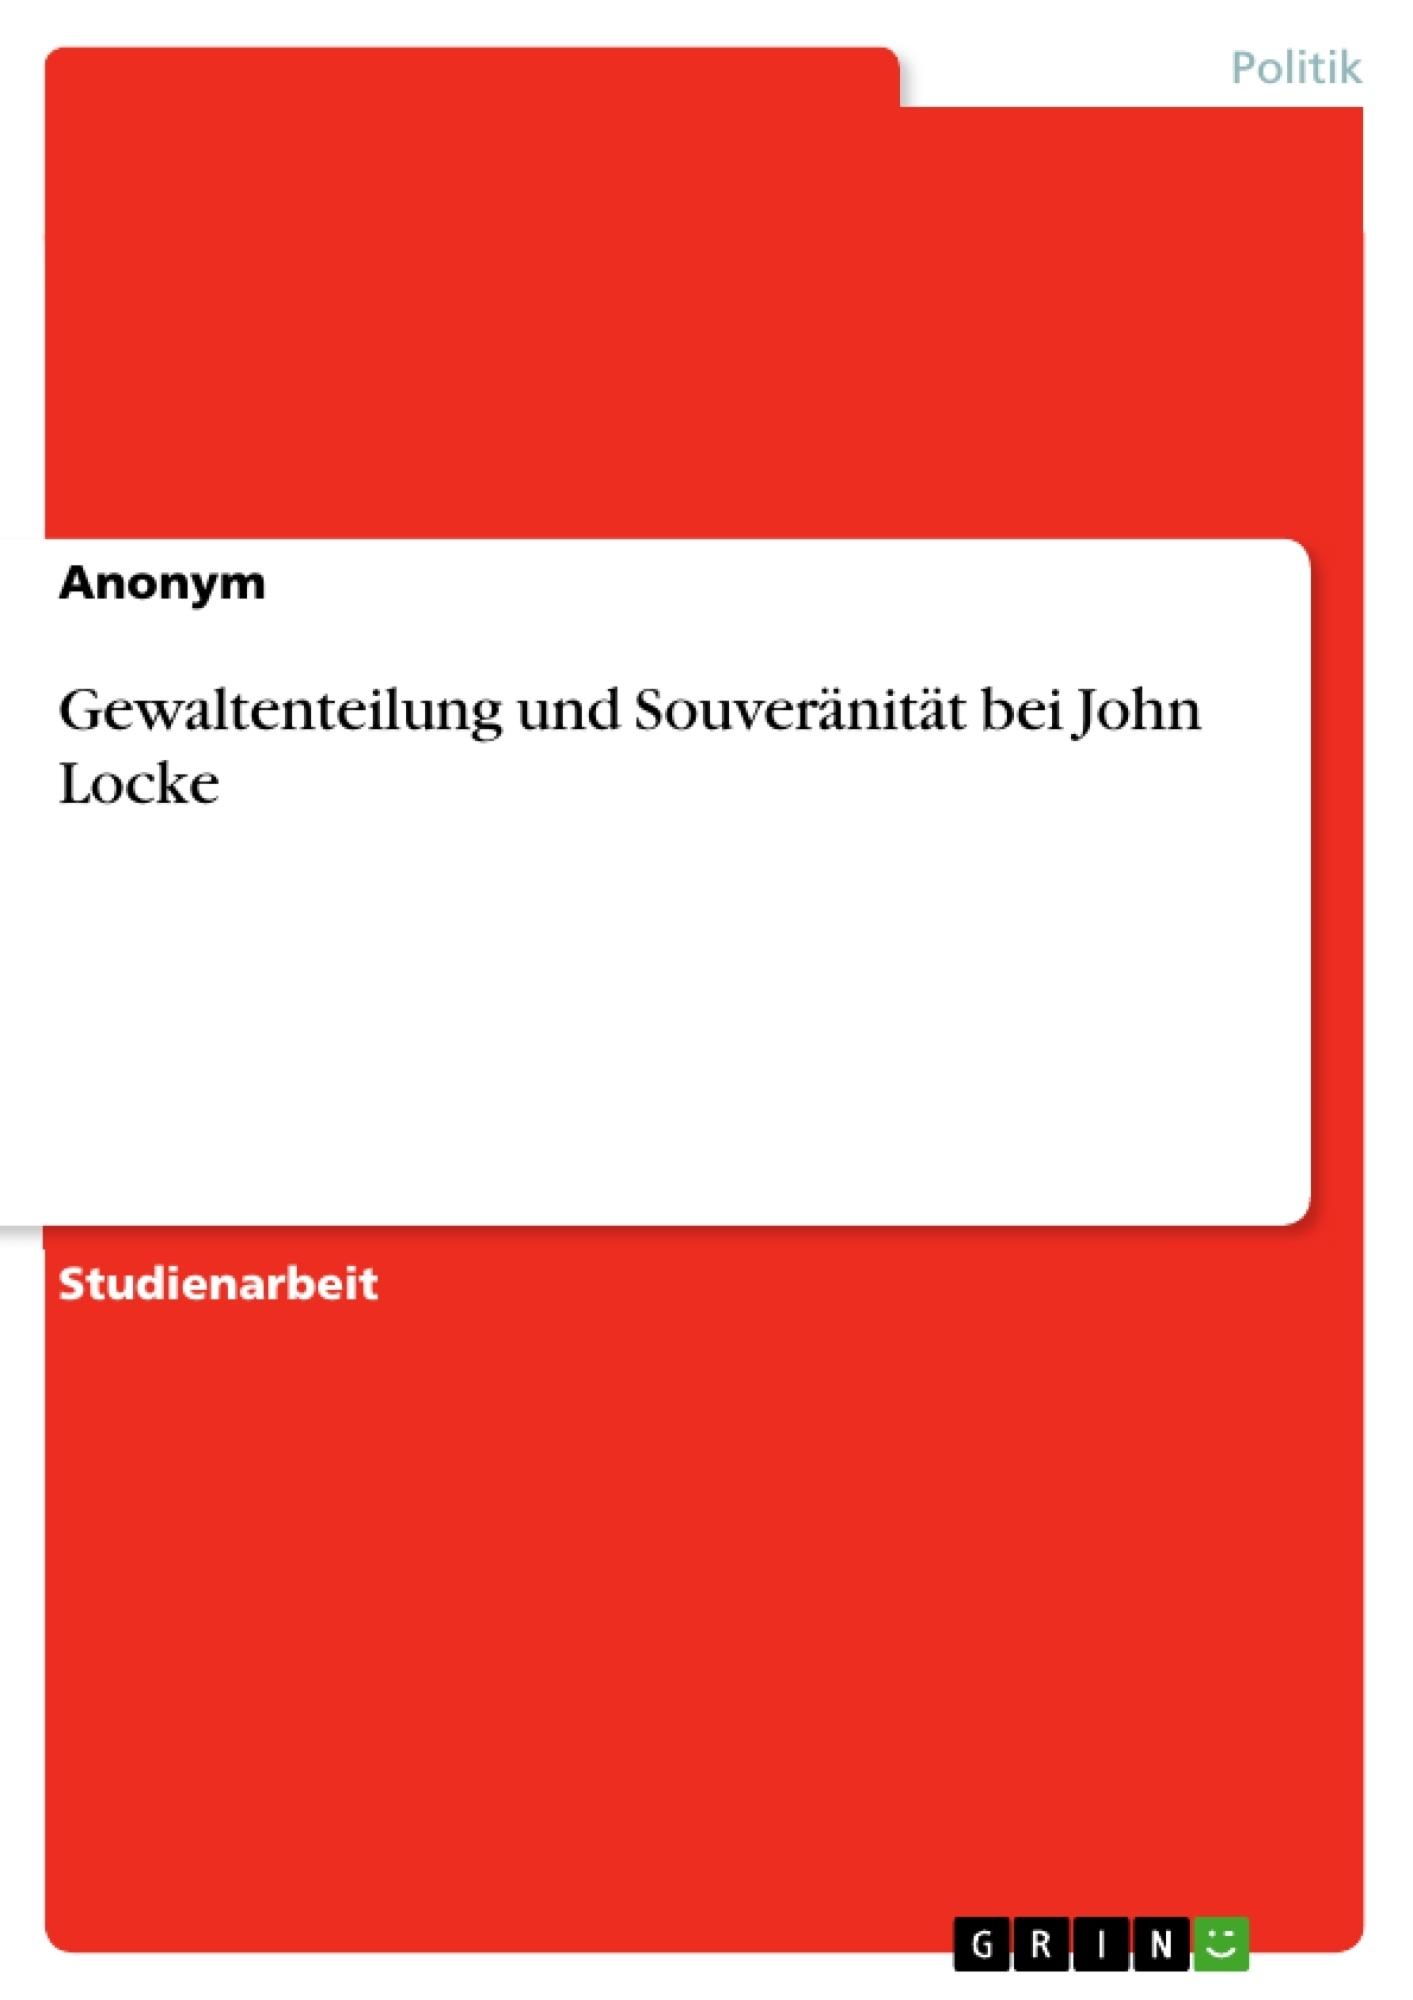 Titel: Gewaltenteilung und Souveränität bei John Locke